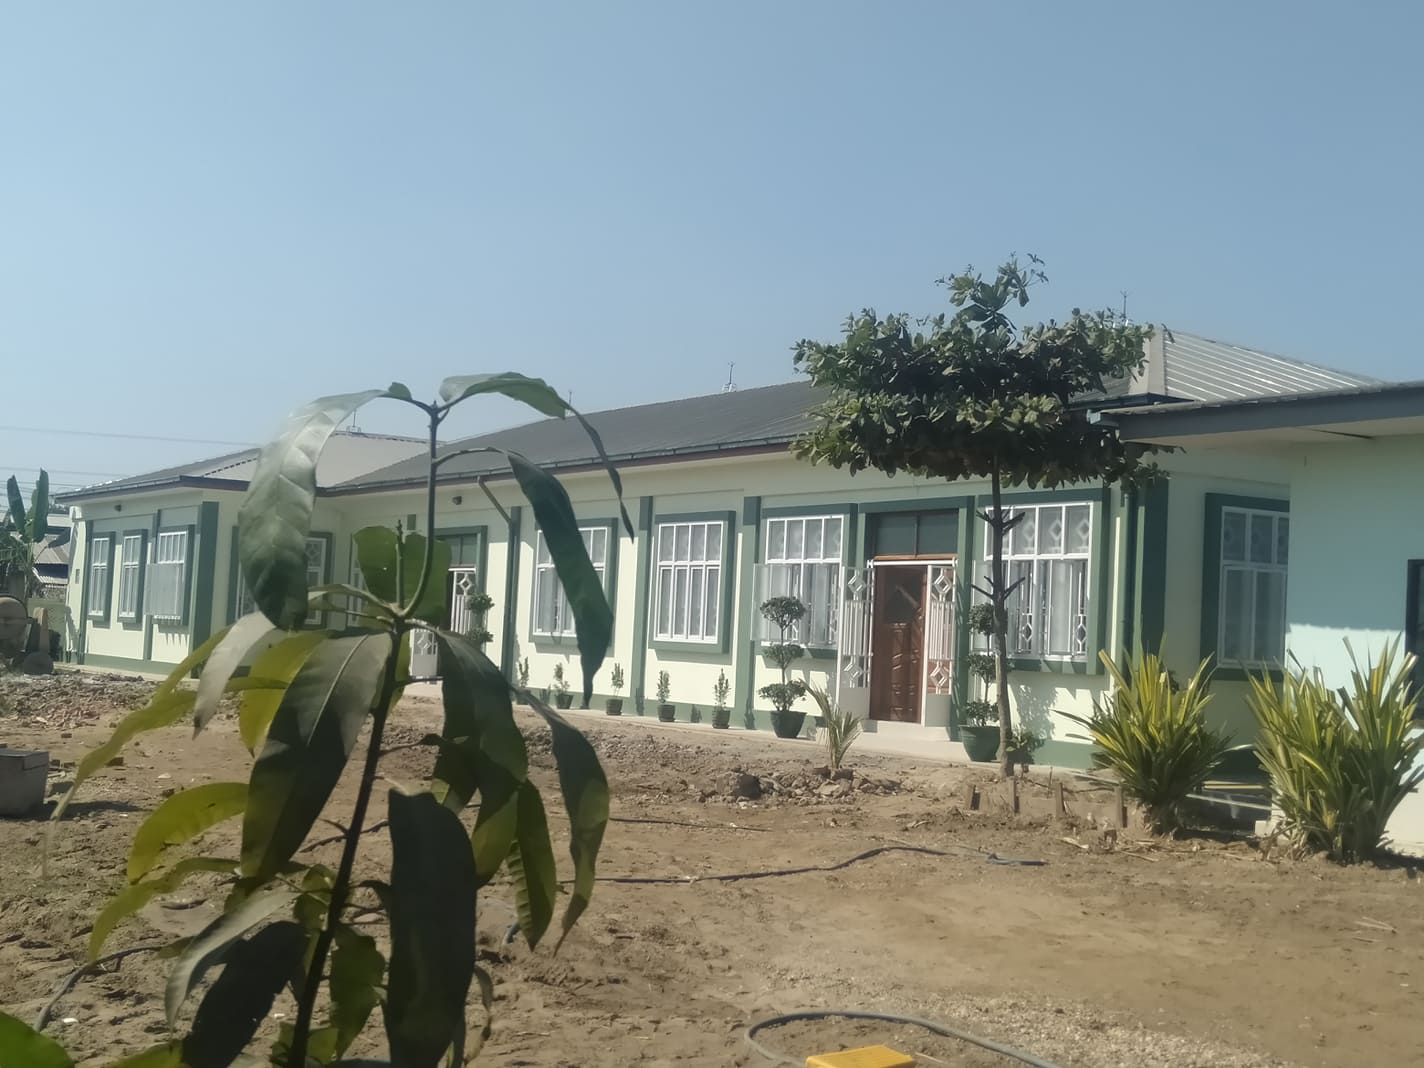 Casa FMA a Hlaing Thar Yar - Myanmar